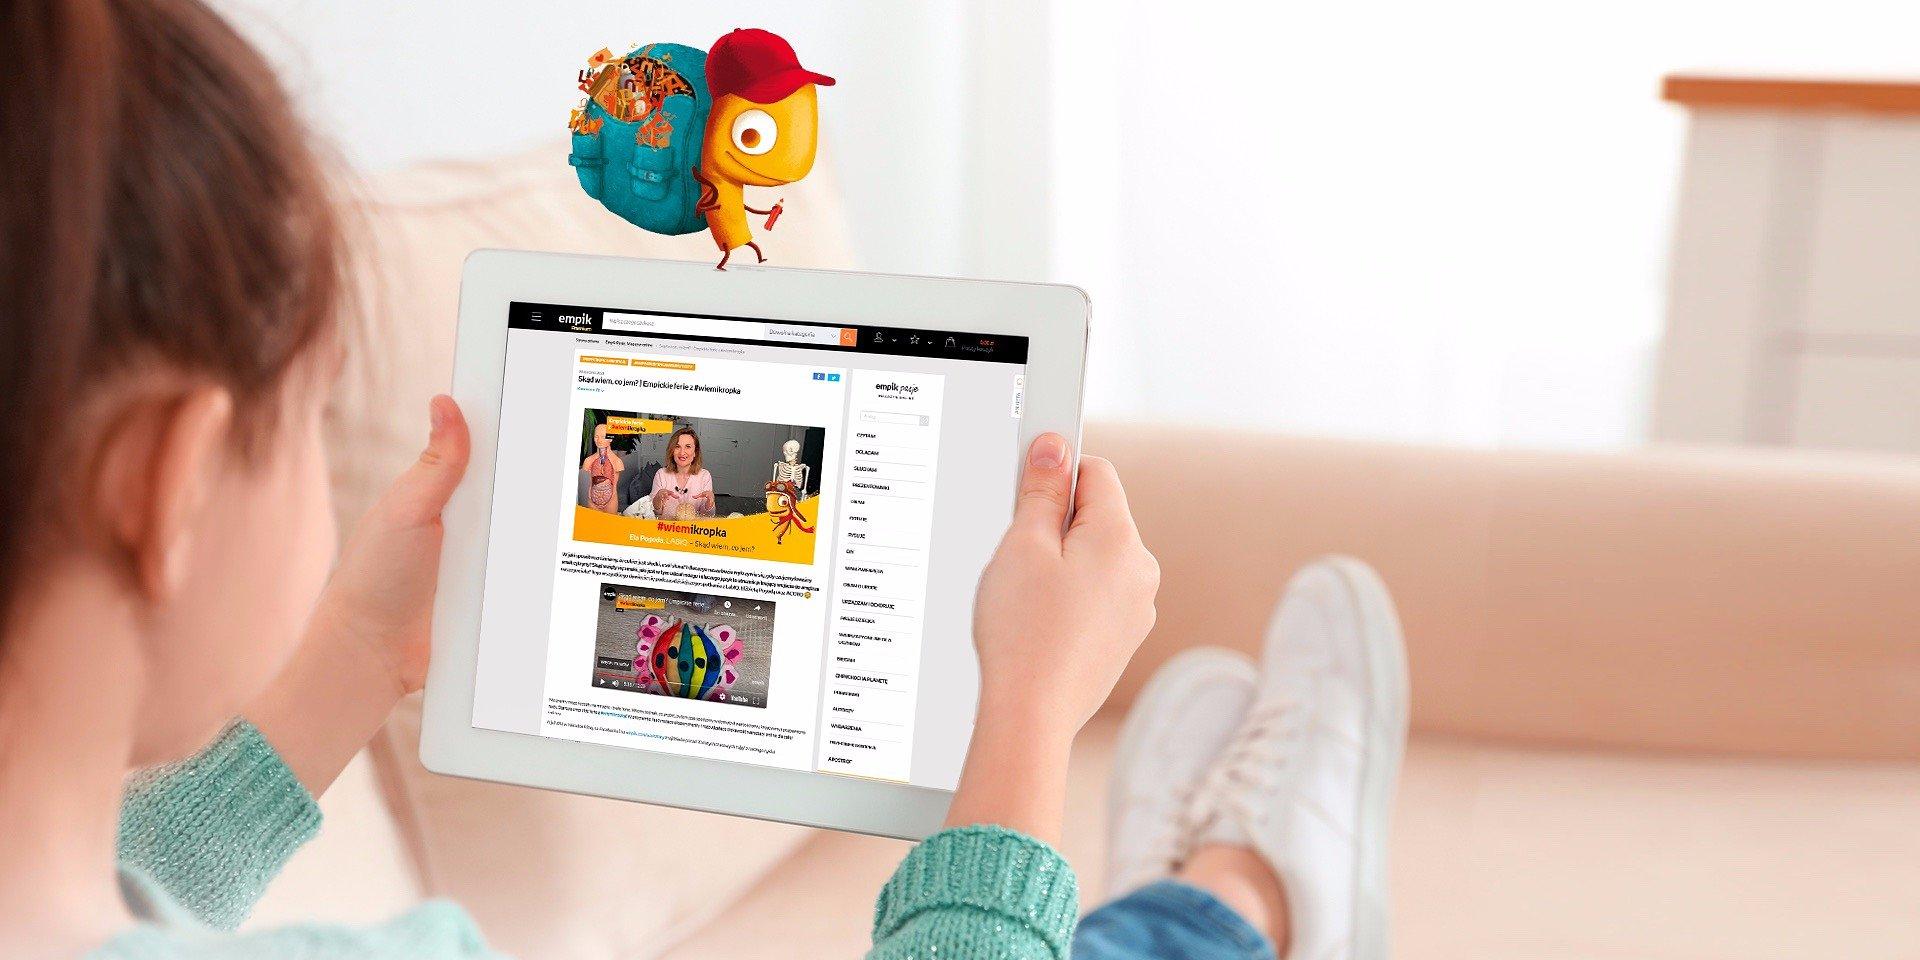 Wiosna to czas odkrywców! Rusza kolejny cykl warsztatów online dla dzieci #wiemikropka